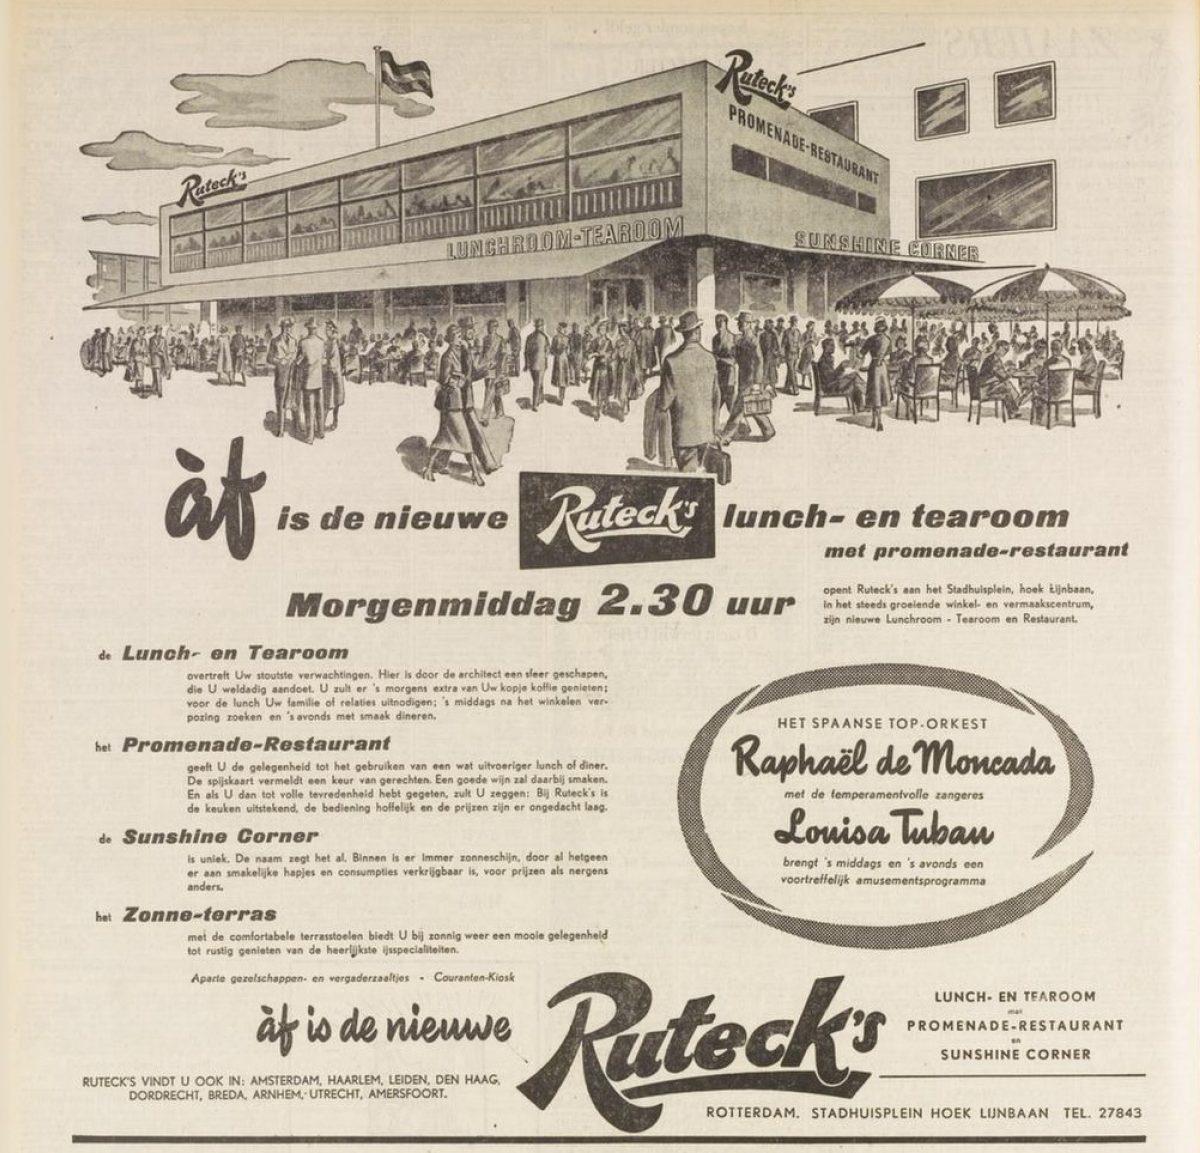 03 stadhuisplein 1955 rutecks HVV 13 05 1955